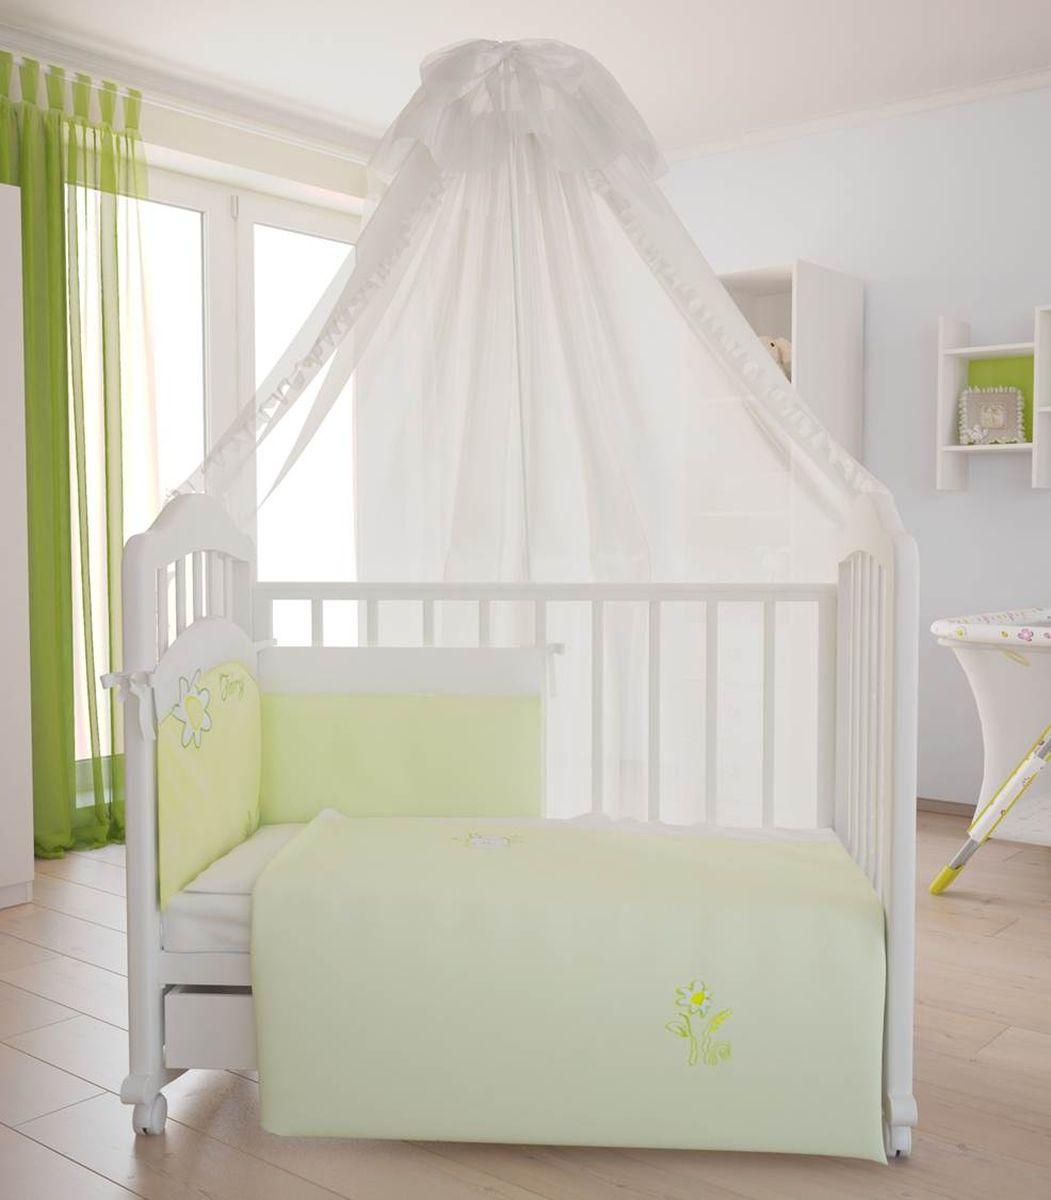 Fairy Комплект белья для новорожденных На лугу цвет белый желтый 7 предметов5614